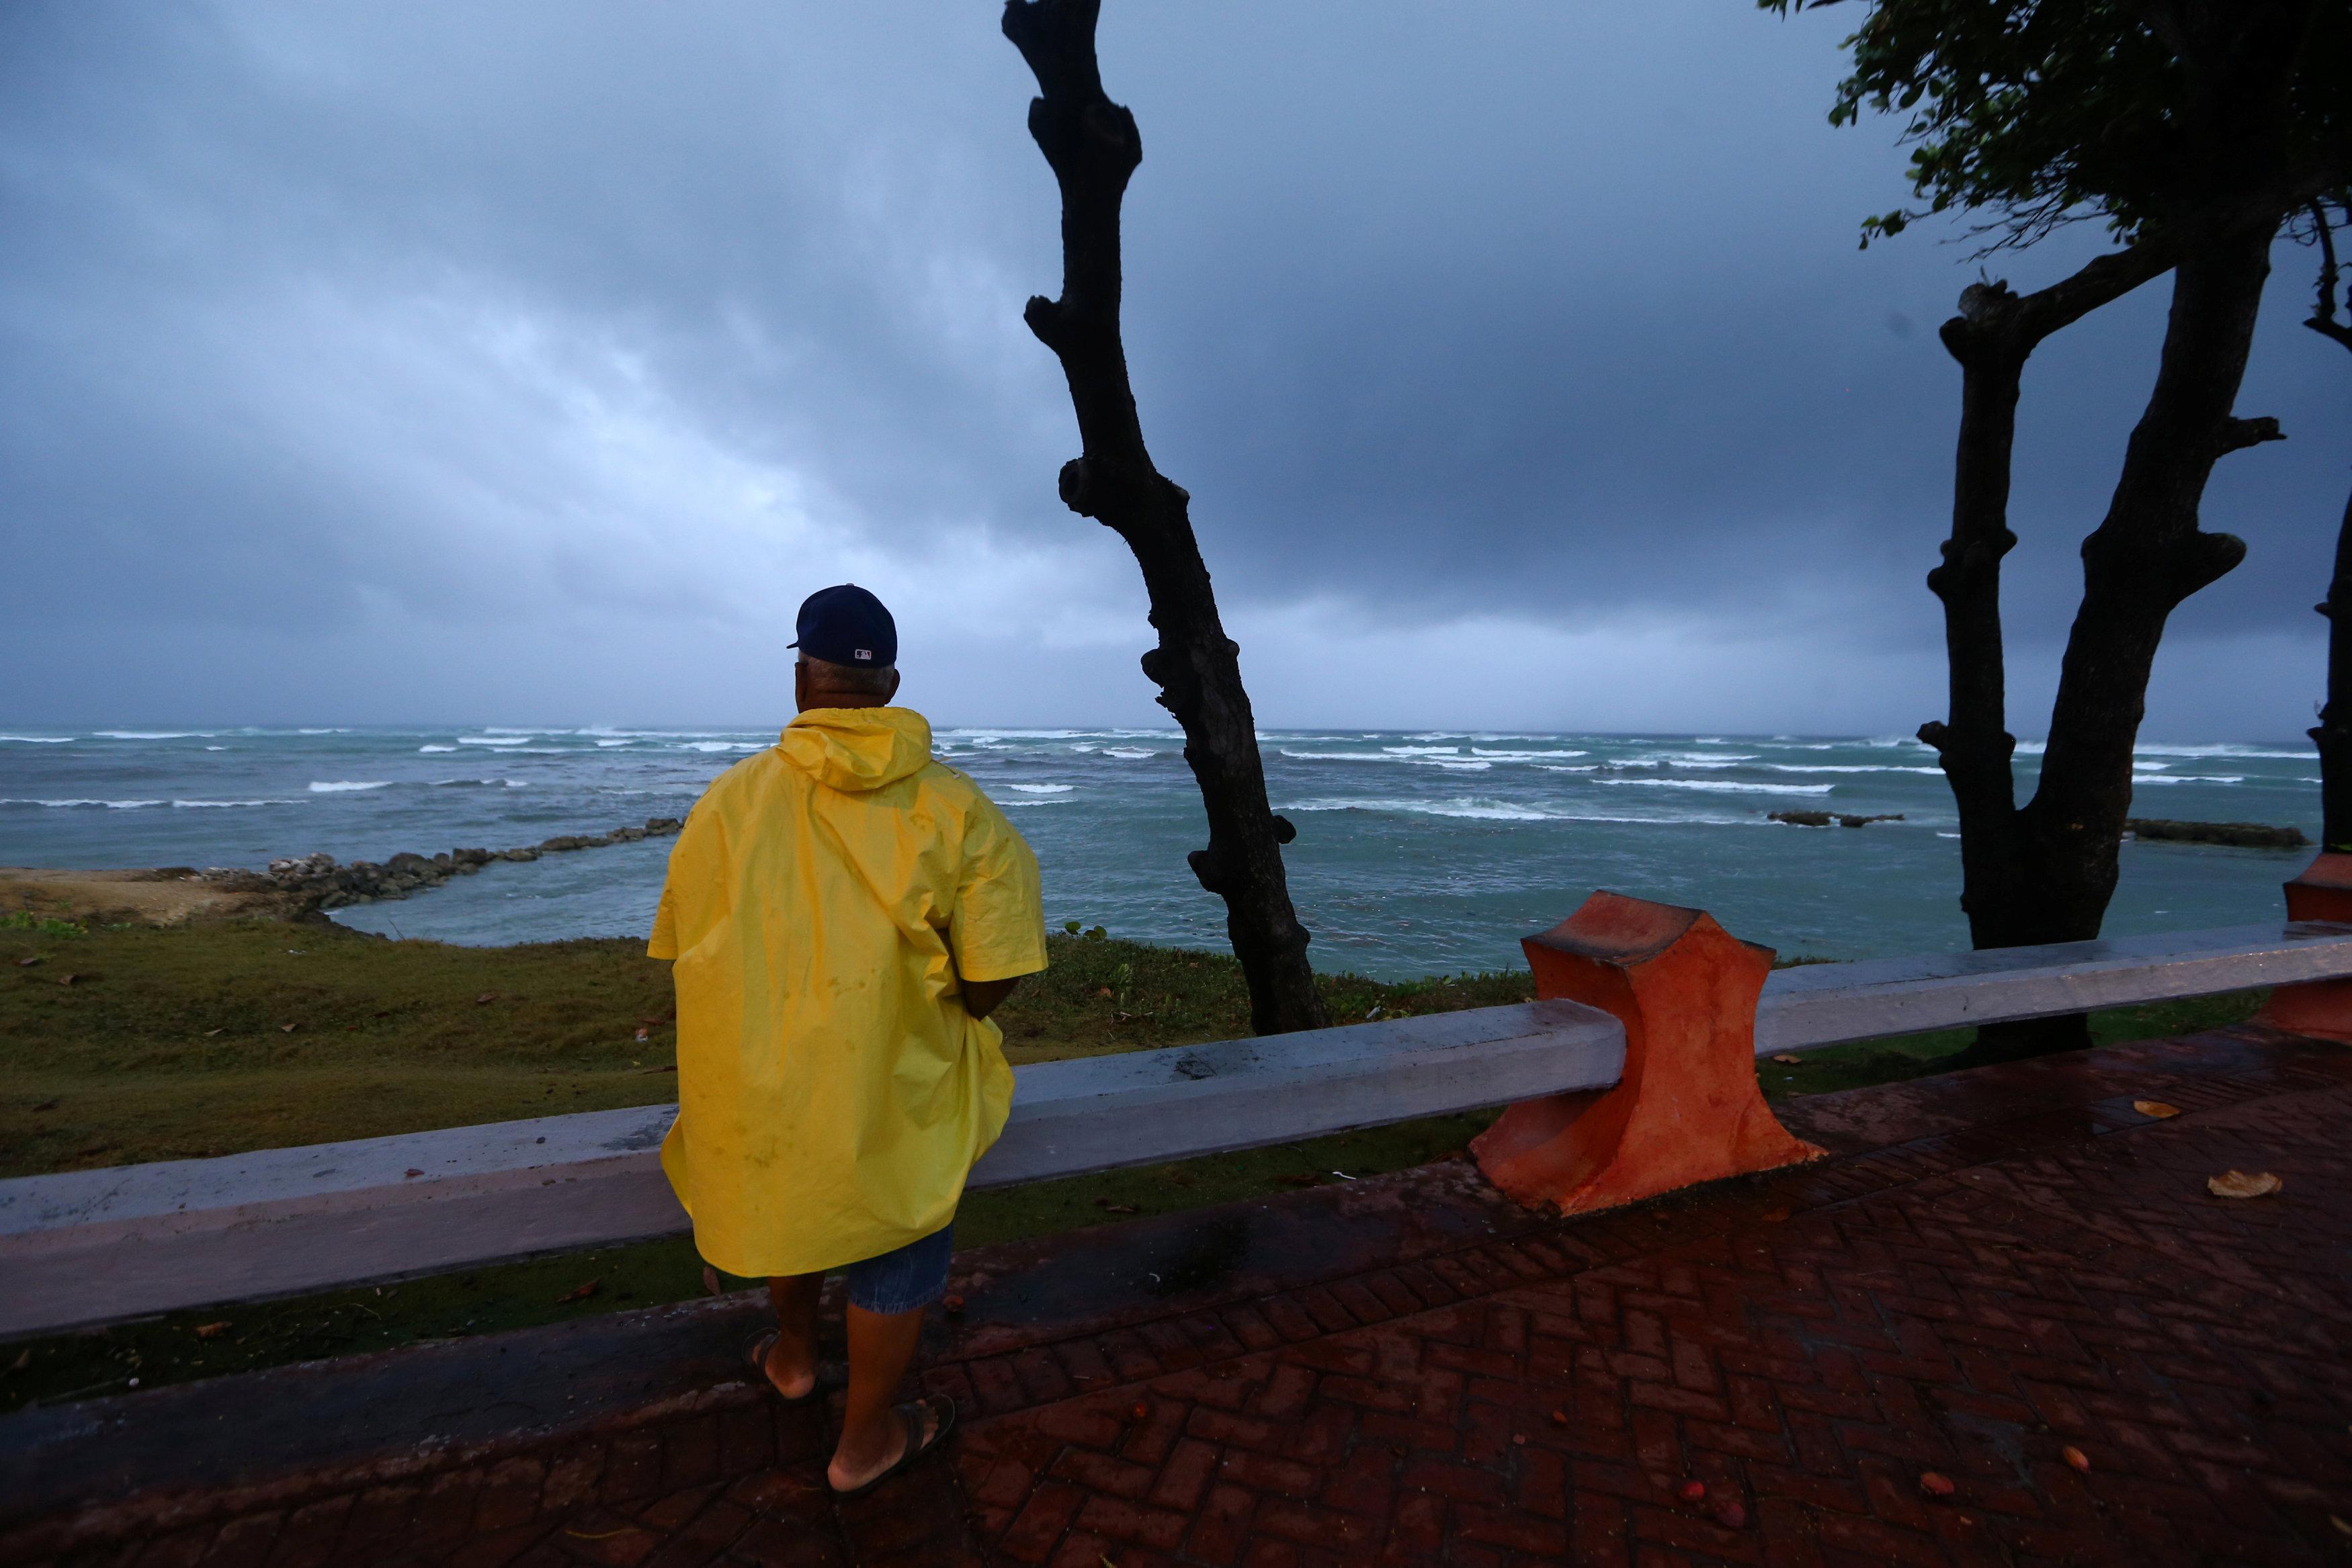 الإعصار إرما يقتل 10 وقد يضرب فلوريدا يوم الأحد